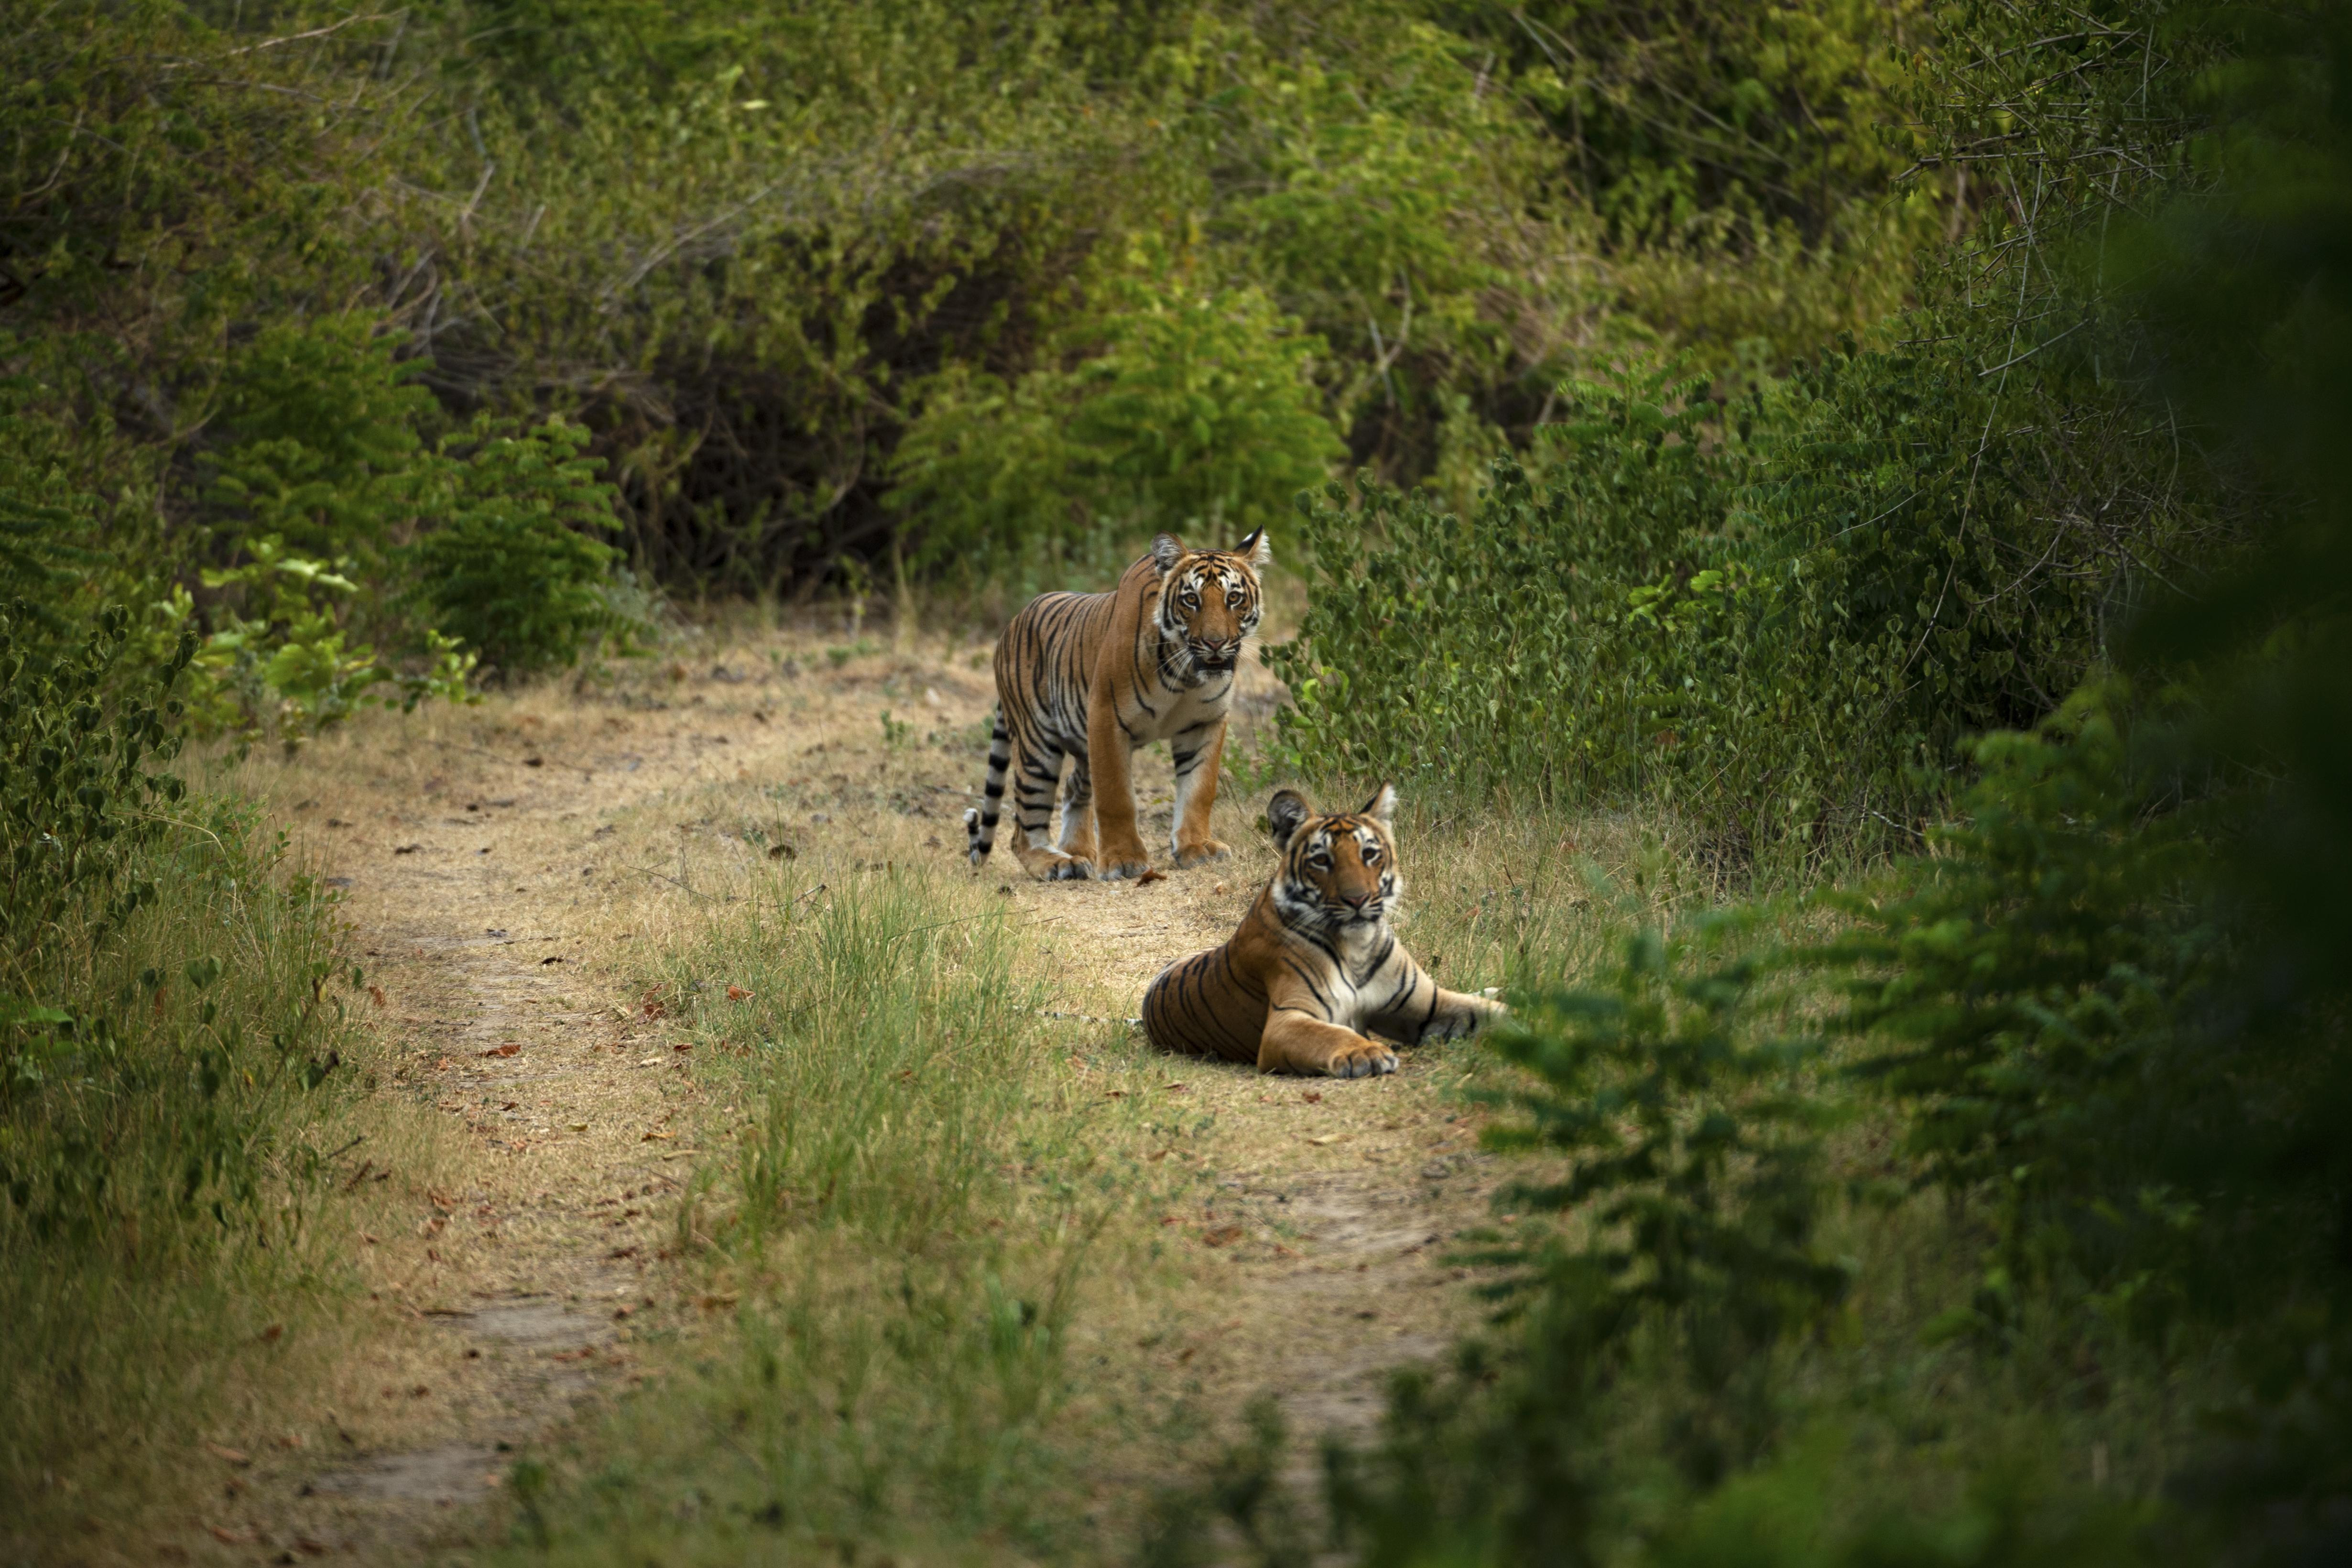 70588壁紙のダウンロード動物, 虎, プレデター, 捕食者, 大きな猫, ビッグキャット, 阪神タイガース-スクリーンセーバーと写真を無料で